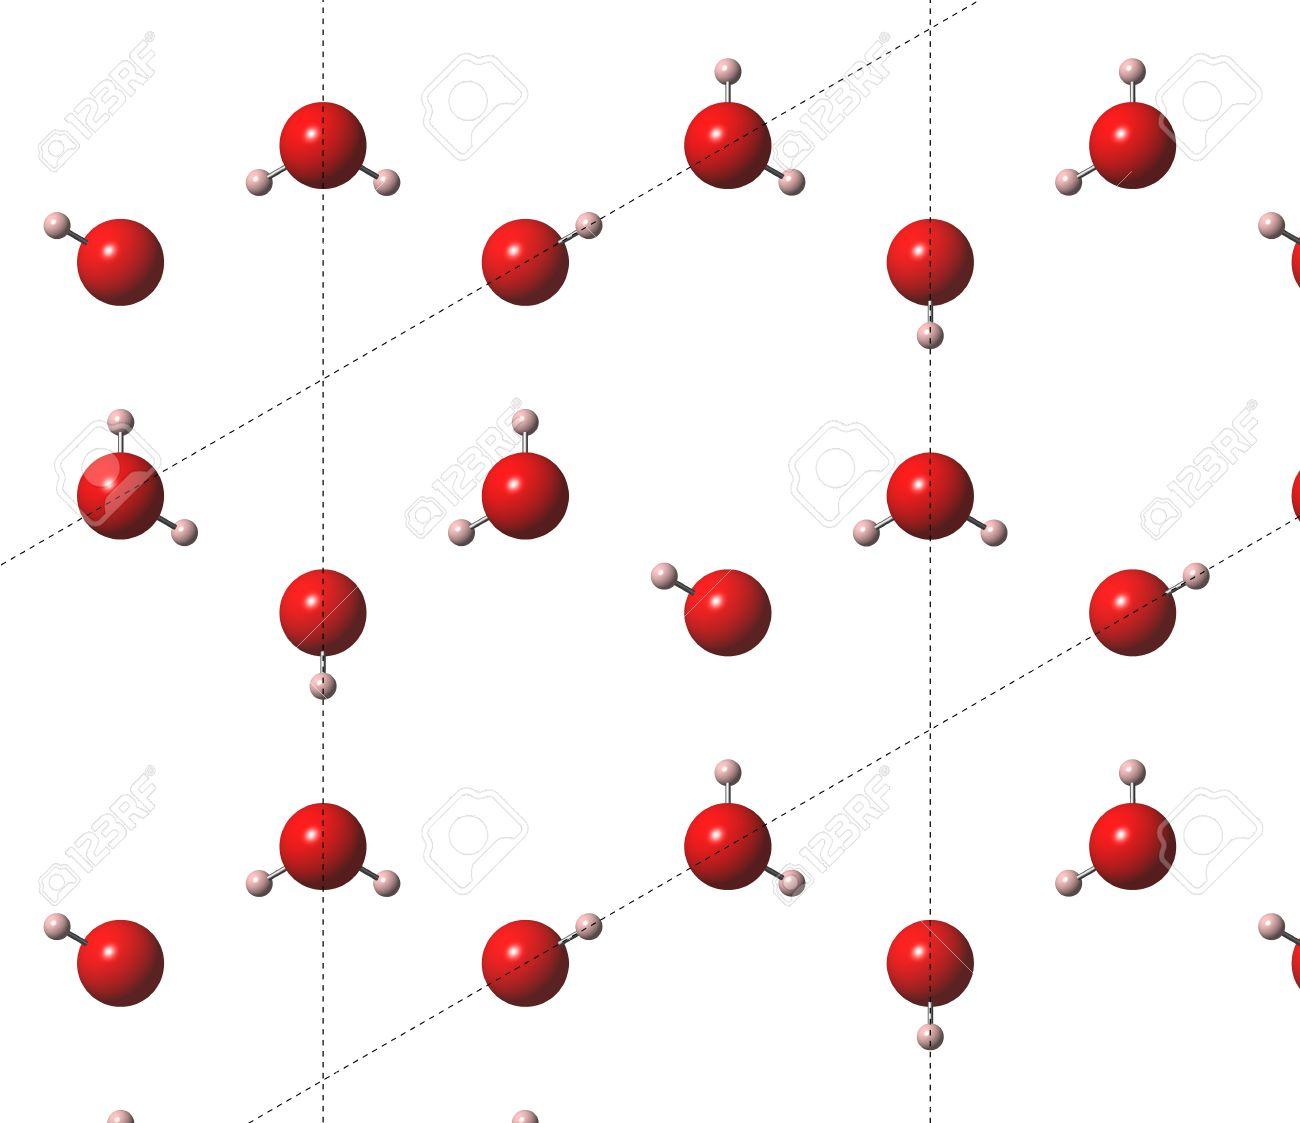 Hielo Agua Congelada Hexagonal Estructura Cristalina Los átomos Se Representan Como Esferas De Color Codificado Rosa Rojo De Hidrógeno Del